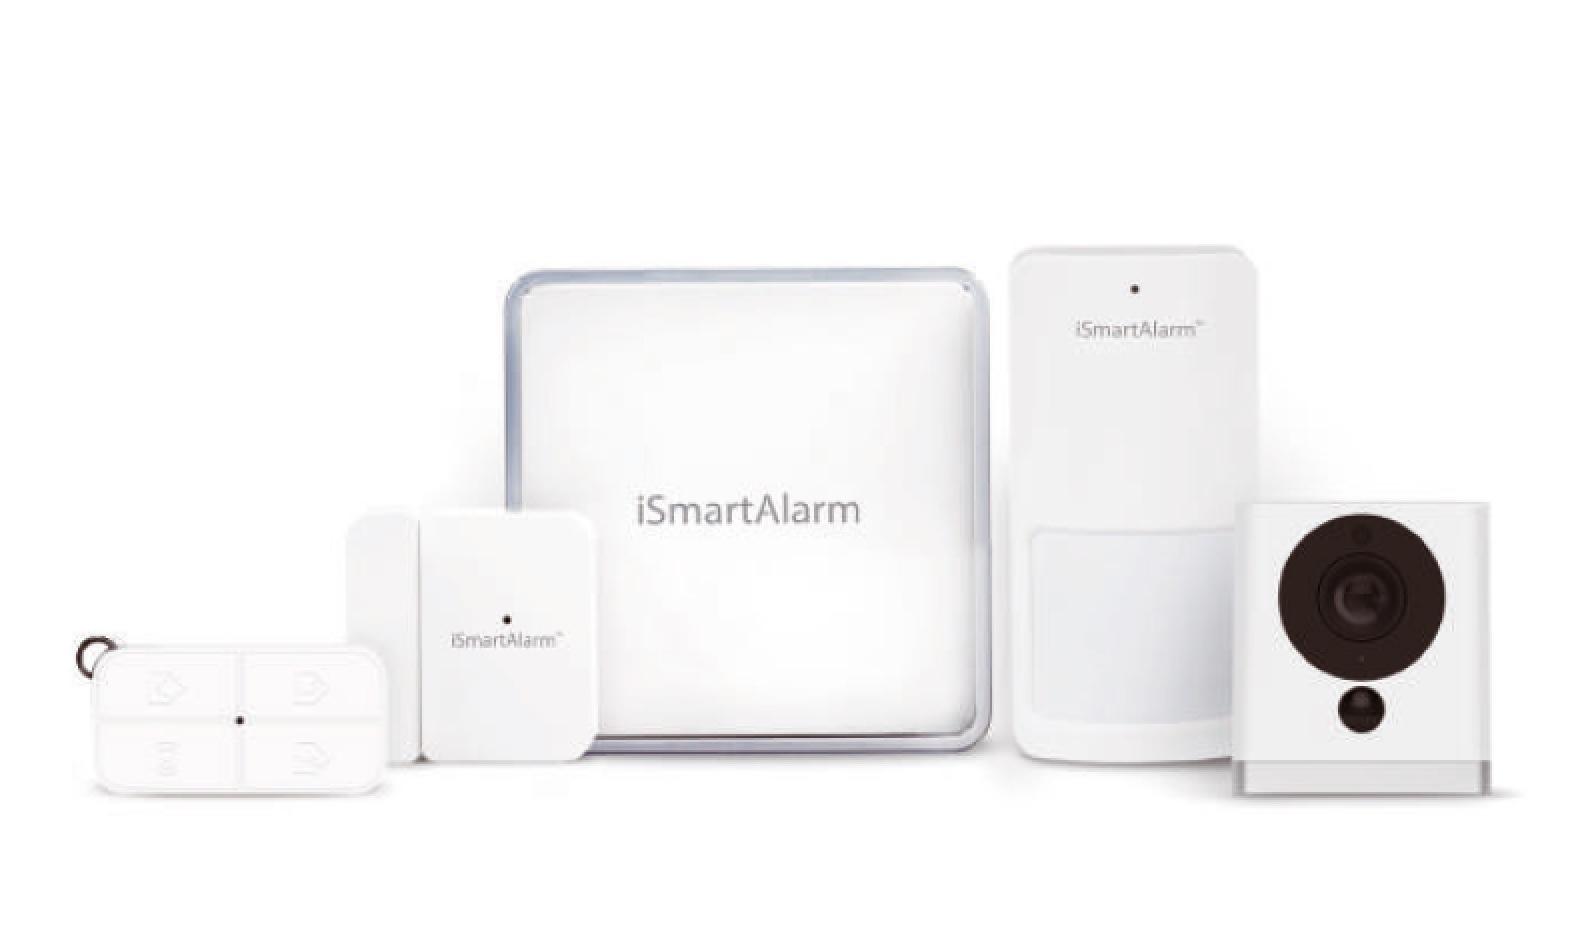 ismartalarm essential pack sch tzt eigenes zuhause smart. Black Bedroom Furniture Sets. Home Design Ideas